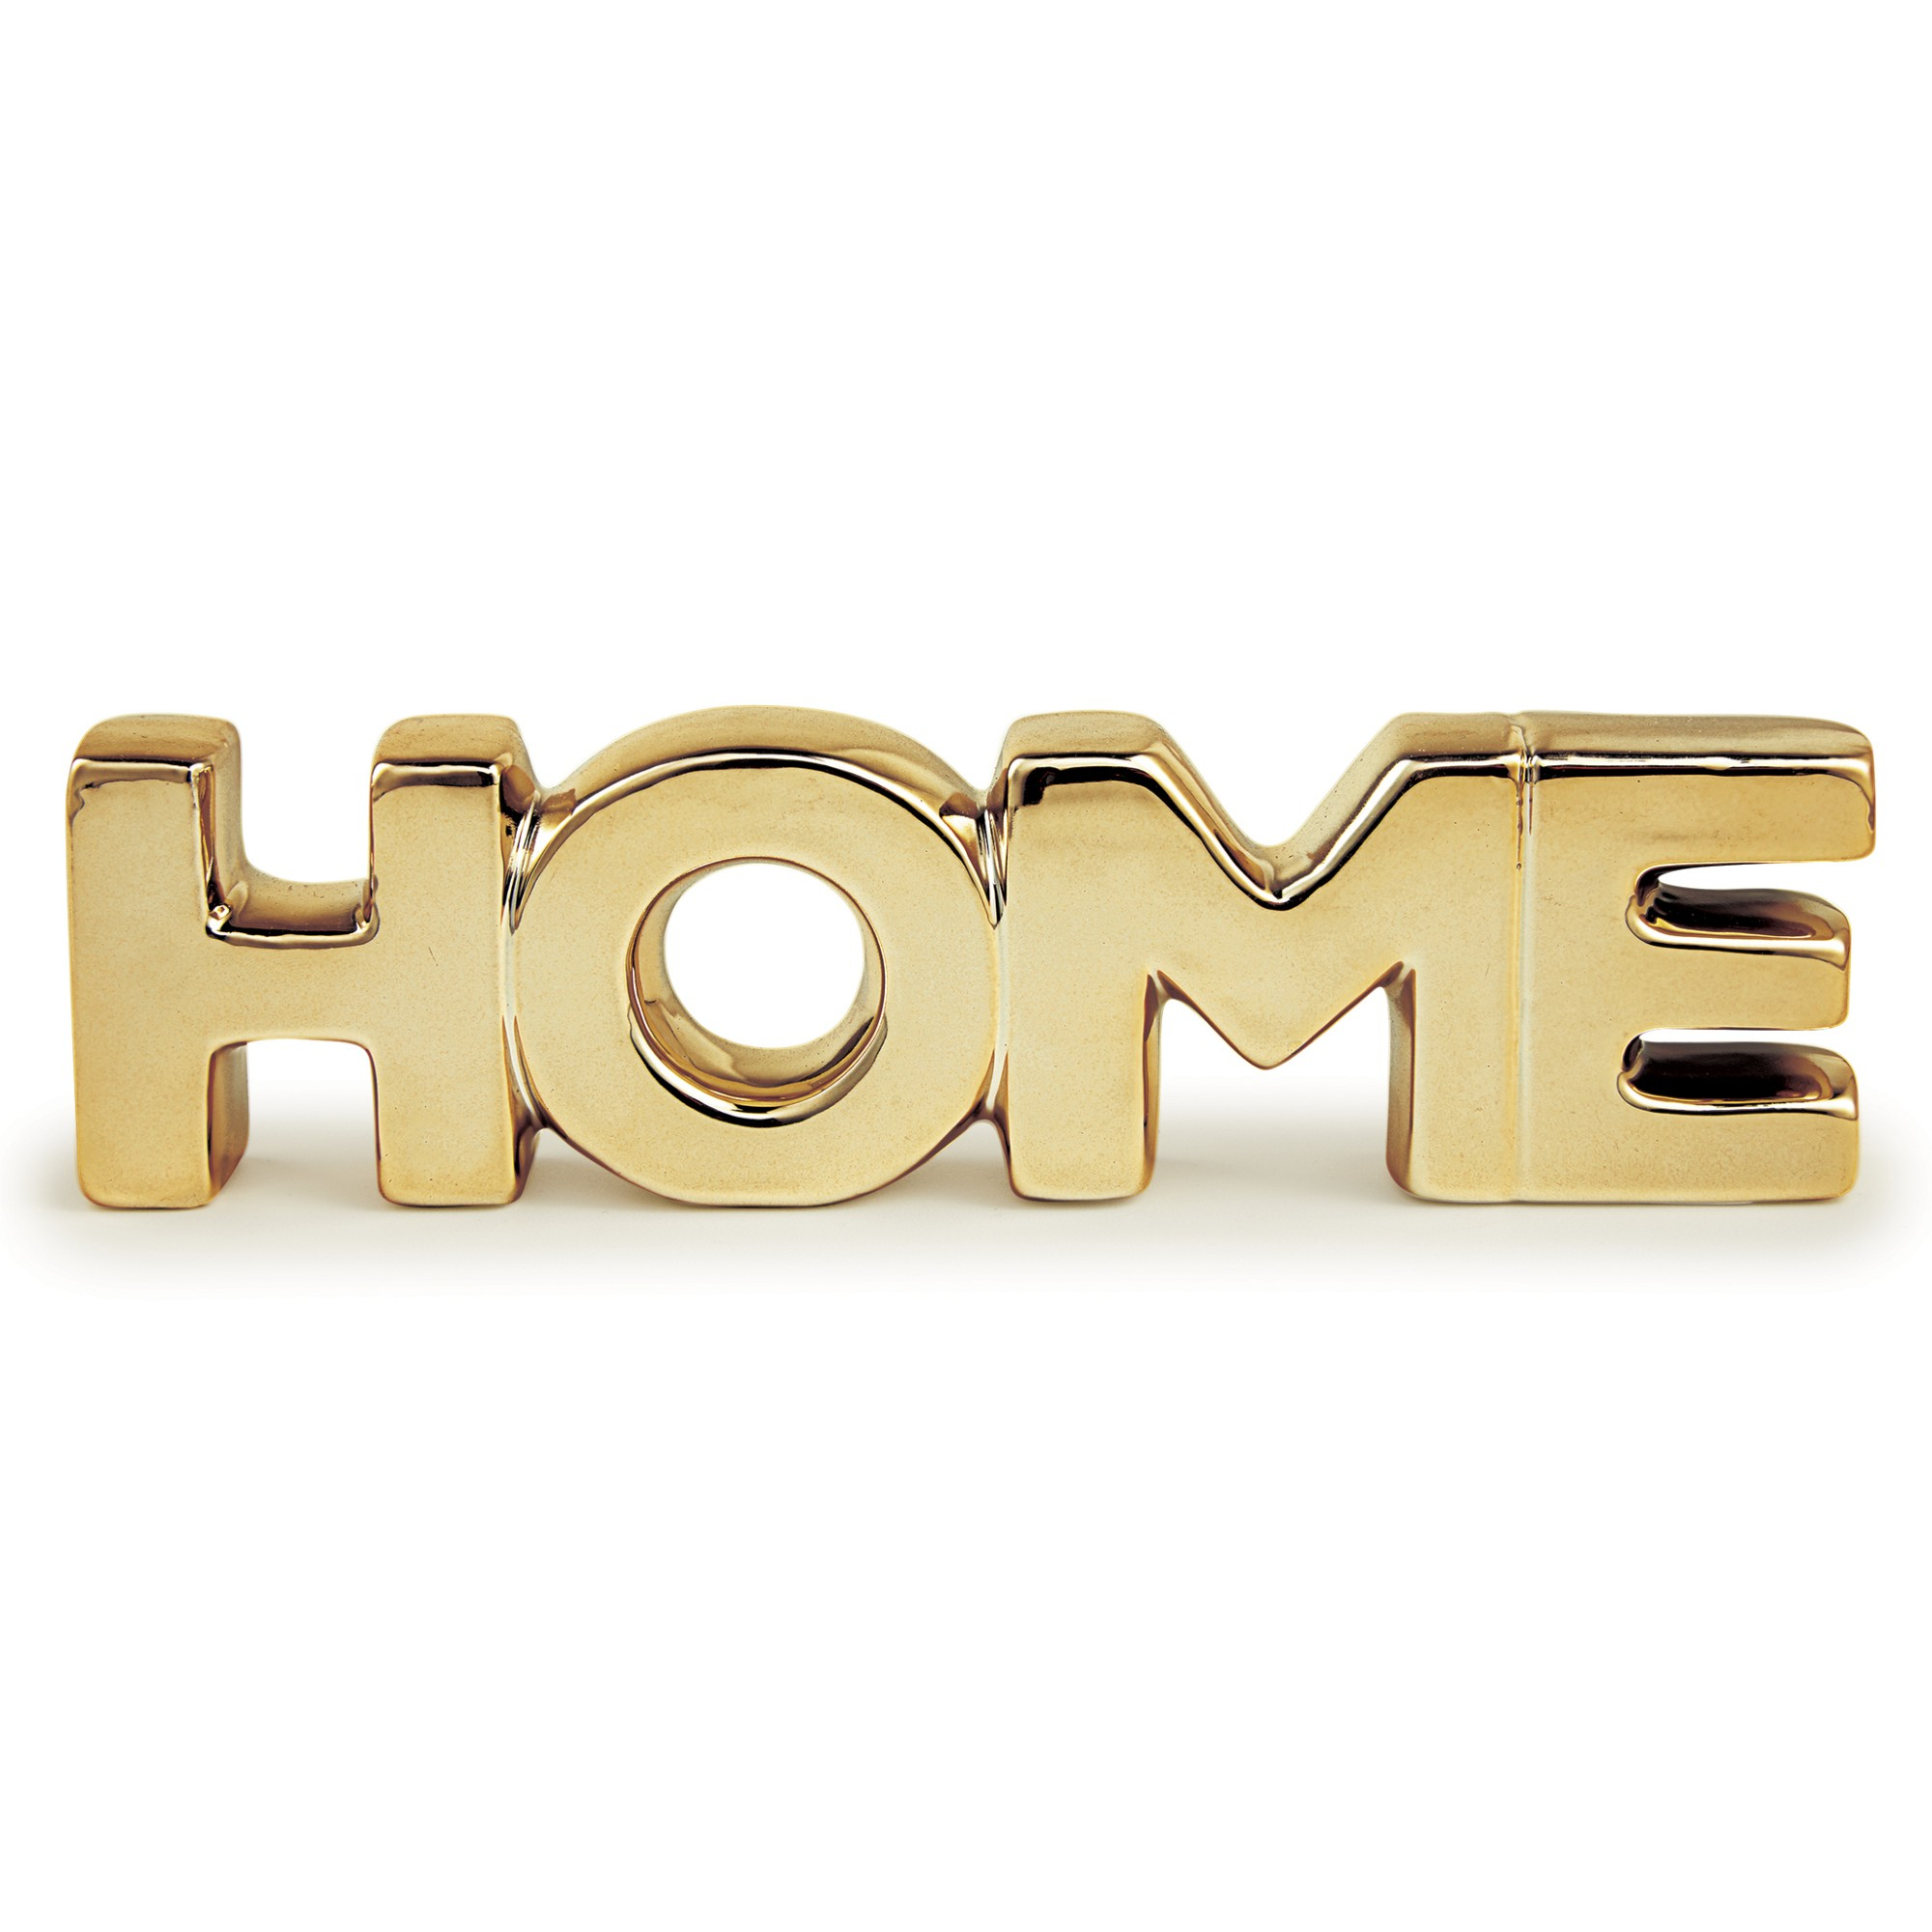 Enfeite Decorativo Home em Ceramica 20cm Dourado - Mart